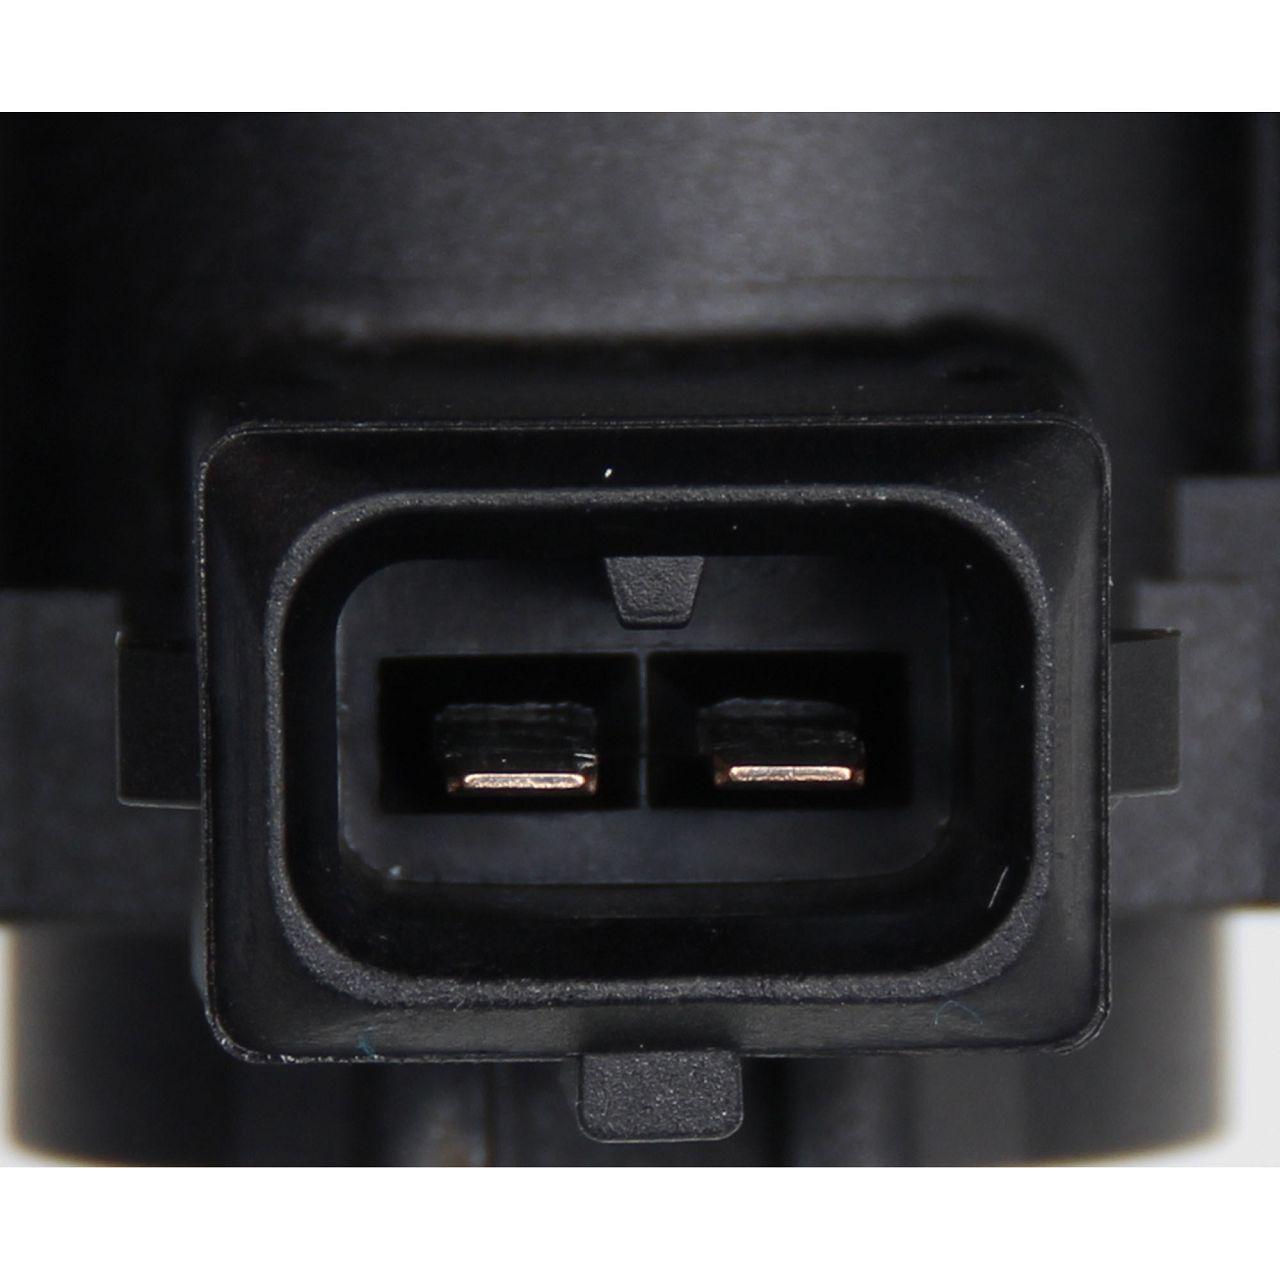 PIERBURG Druckwandler Magnetventil 7.03003.01.0 für ALFA ROMEO FIAT LANCIA